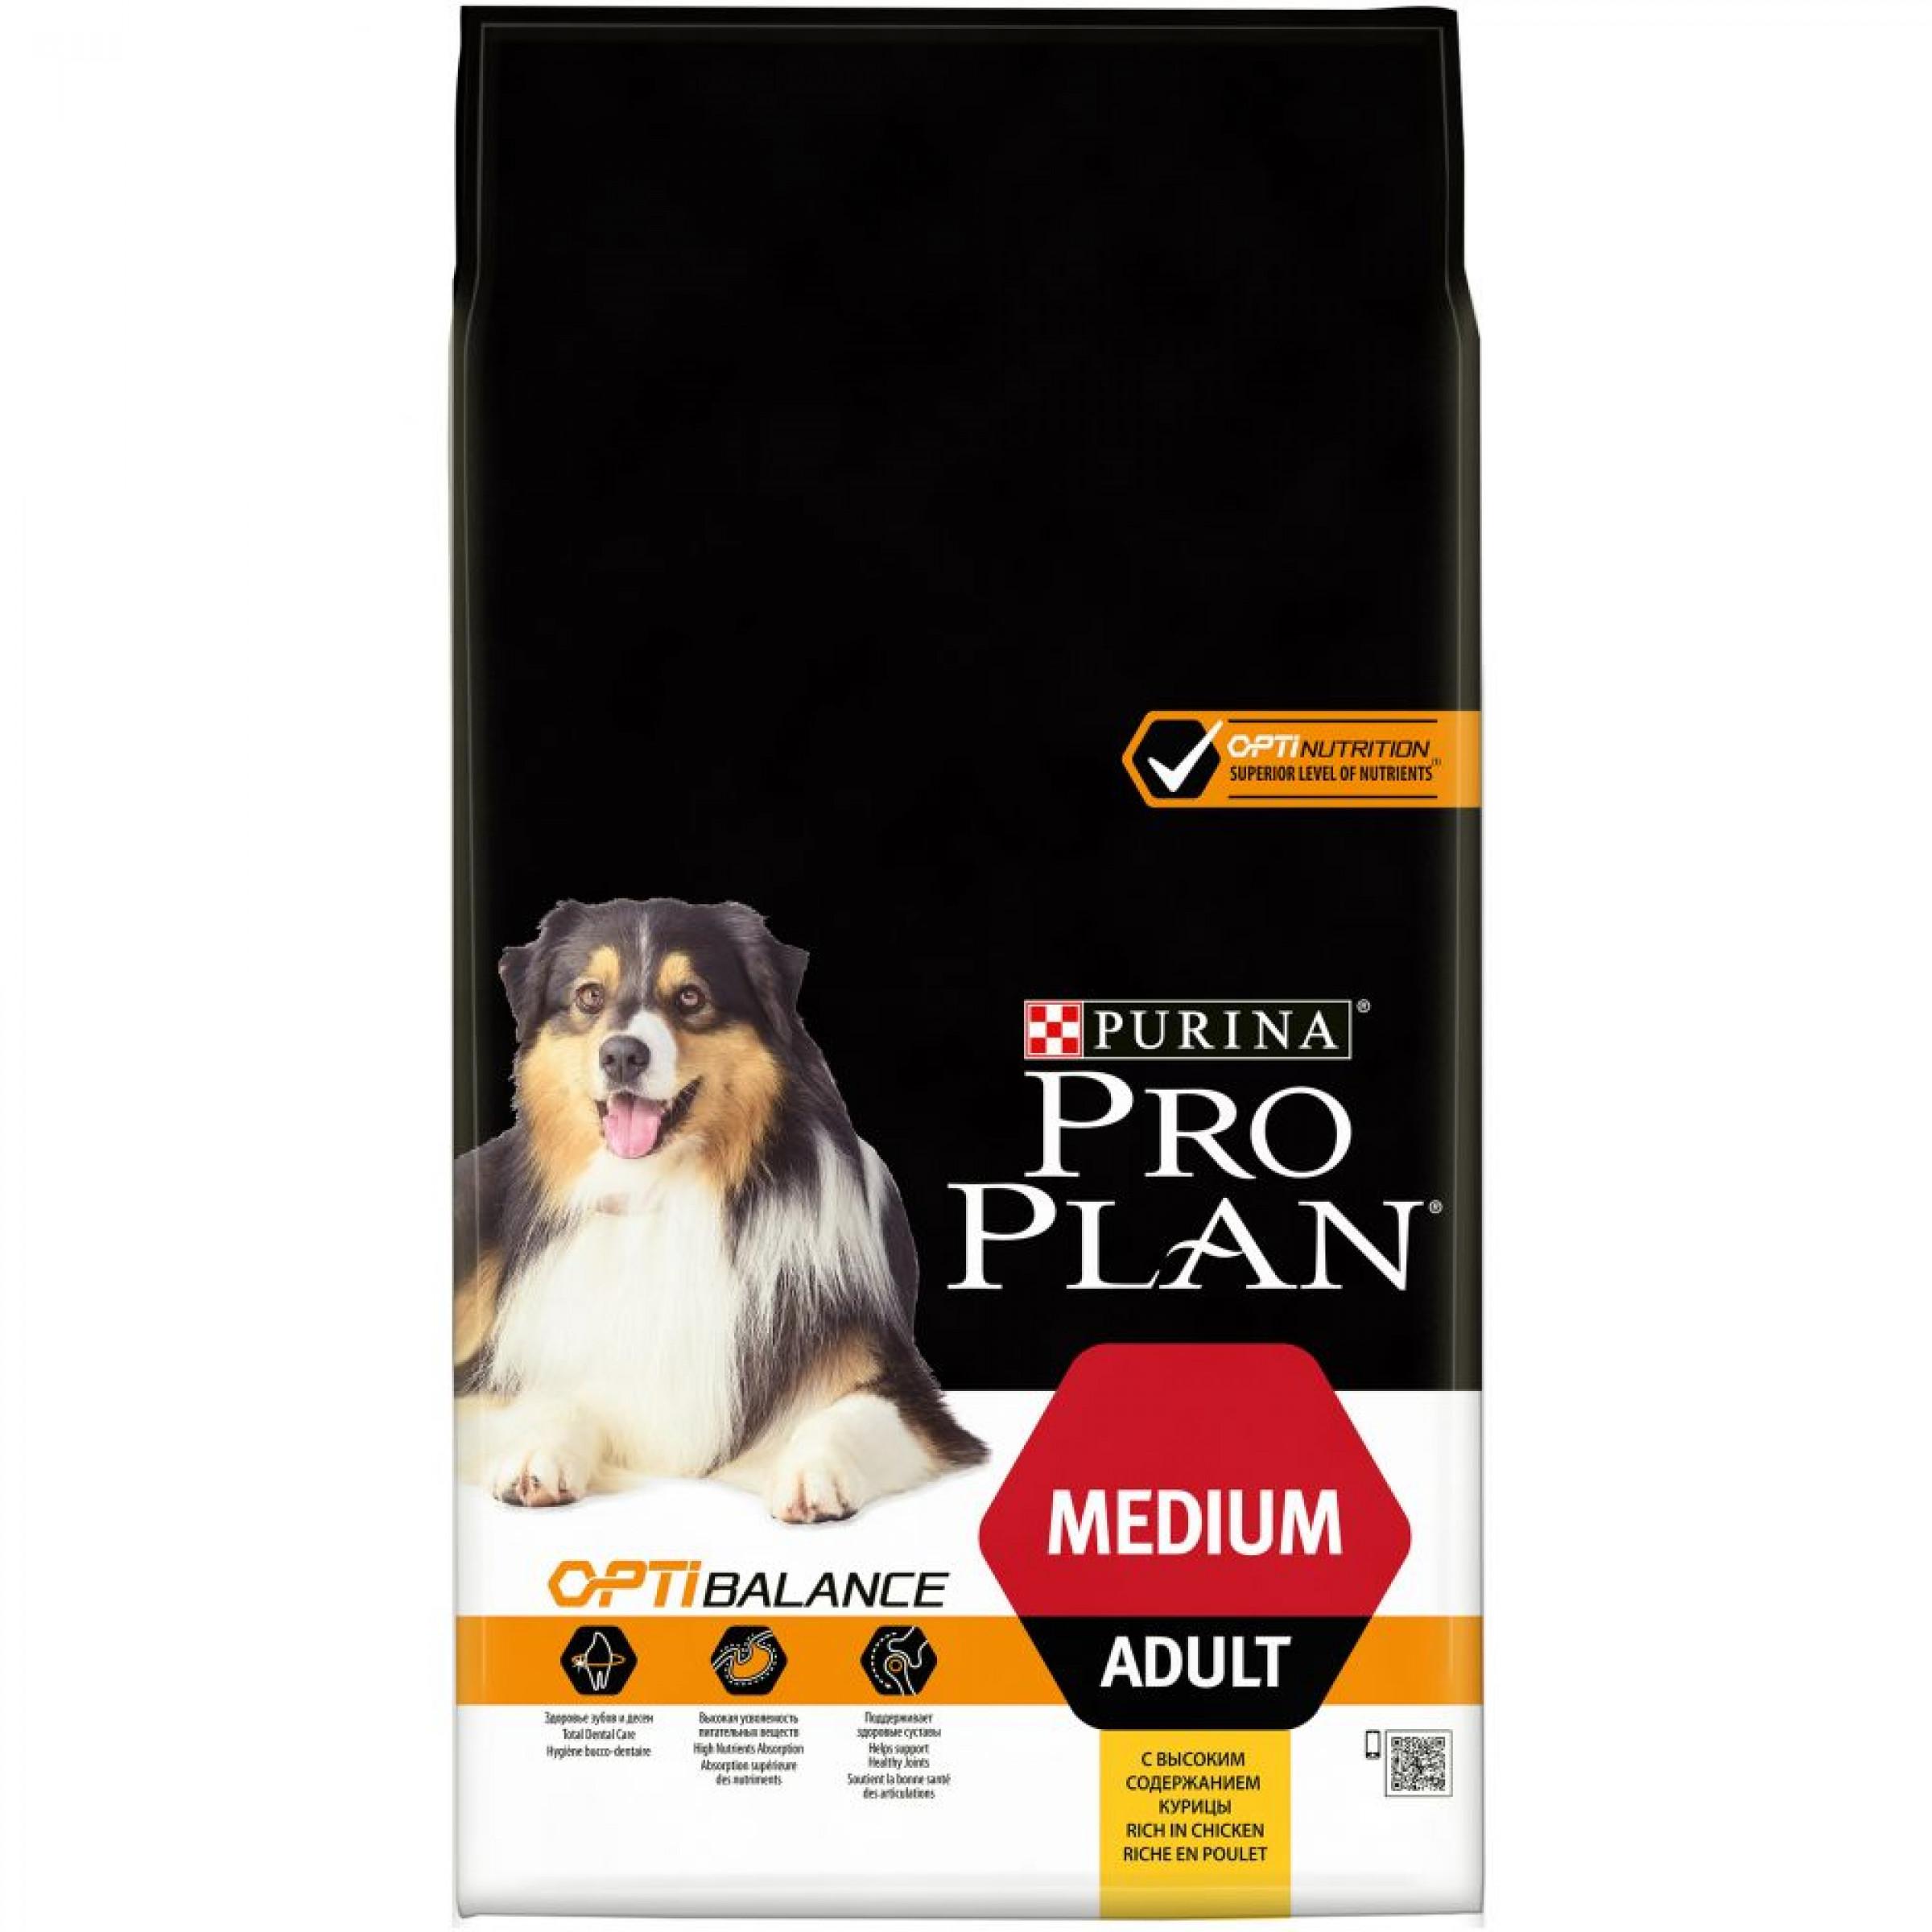 Сухой корм Purina Pro Plan для взрослых собак средних пород, курица с рисом, 7кг